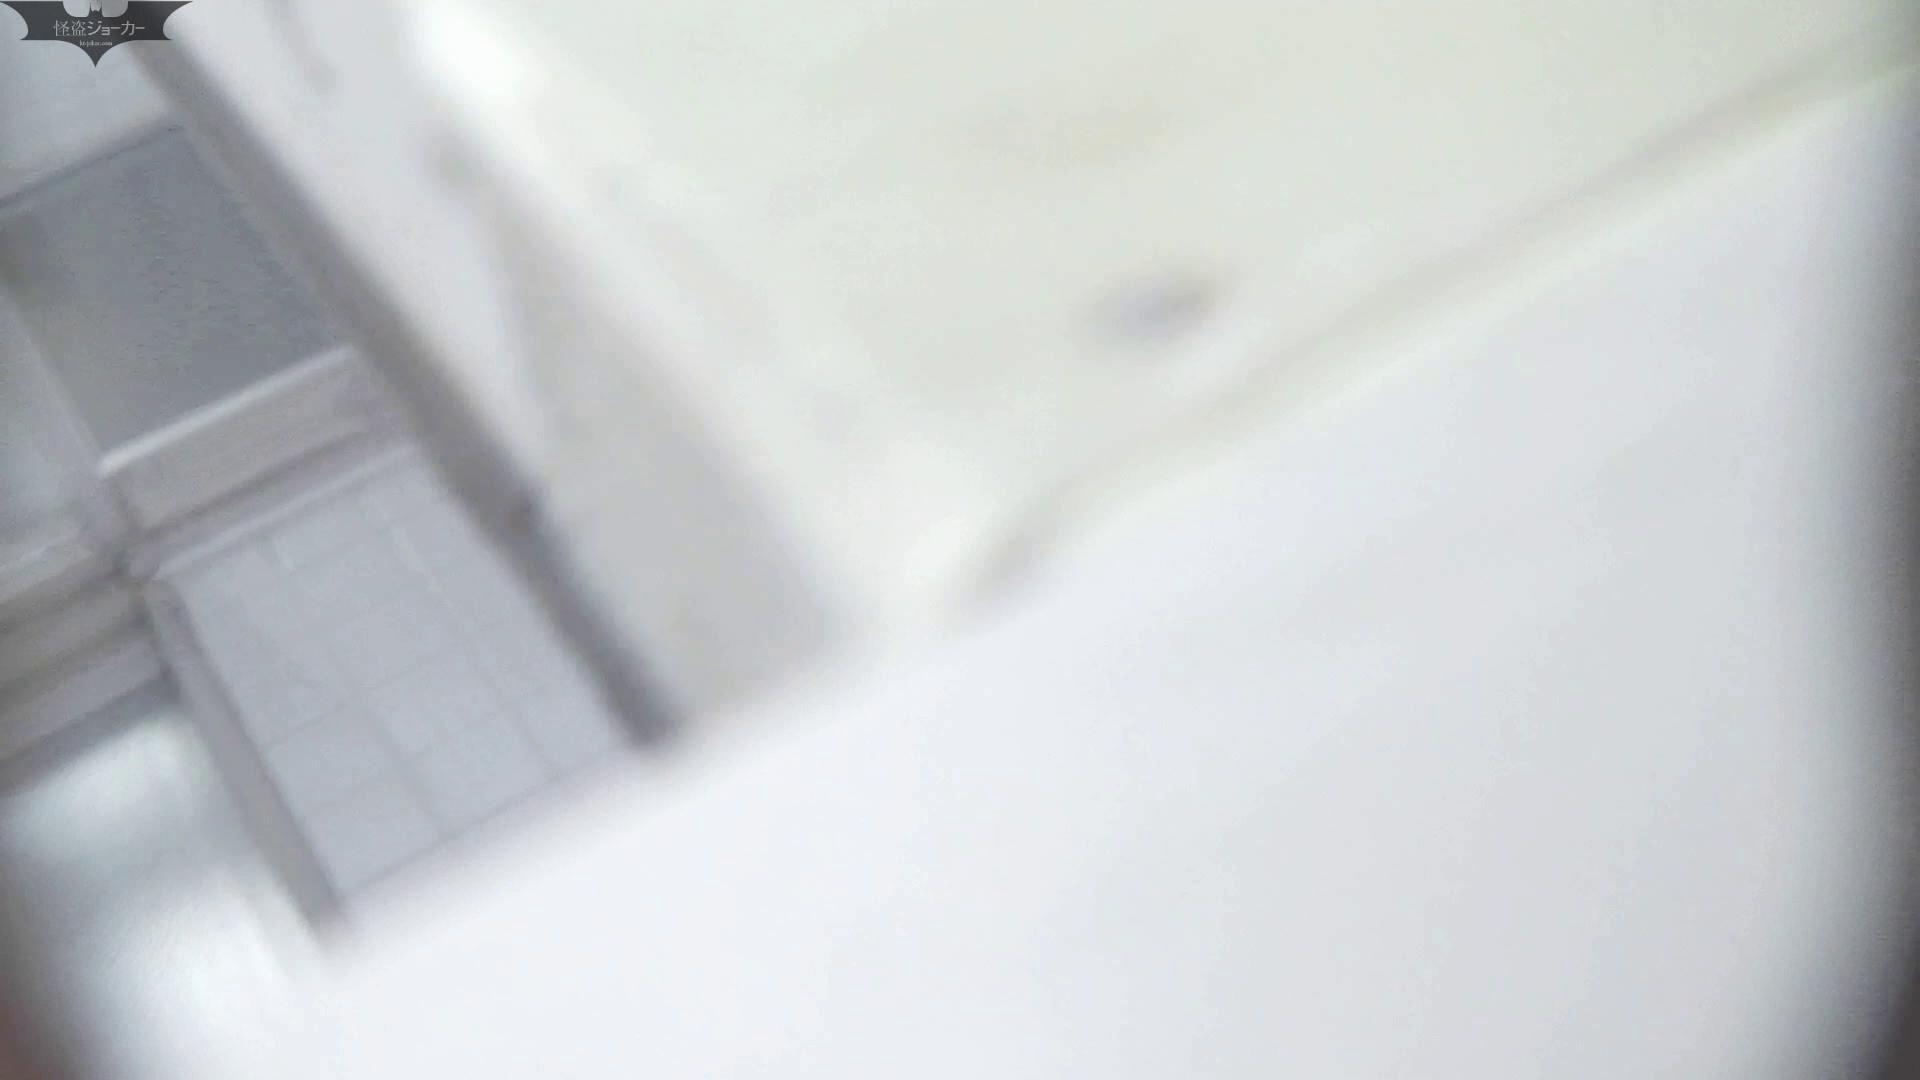 洗面所特攻隊 vol.57過食症に悩む美女 高画質 ワレメ無修正動画無料 82枚 27